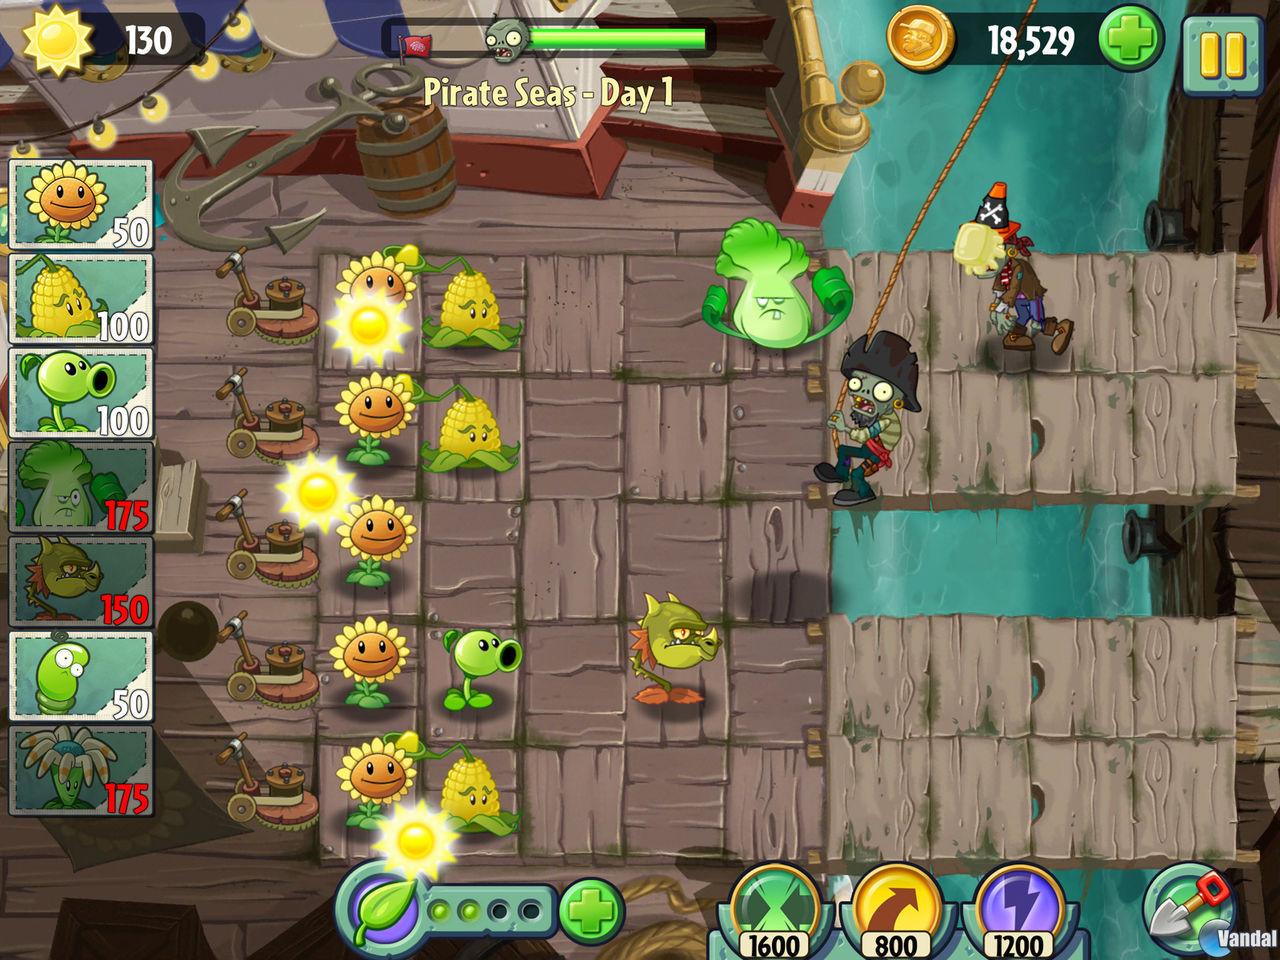 Fuentes de información plants vs zombies 2 revela nuevas imágenes